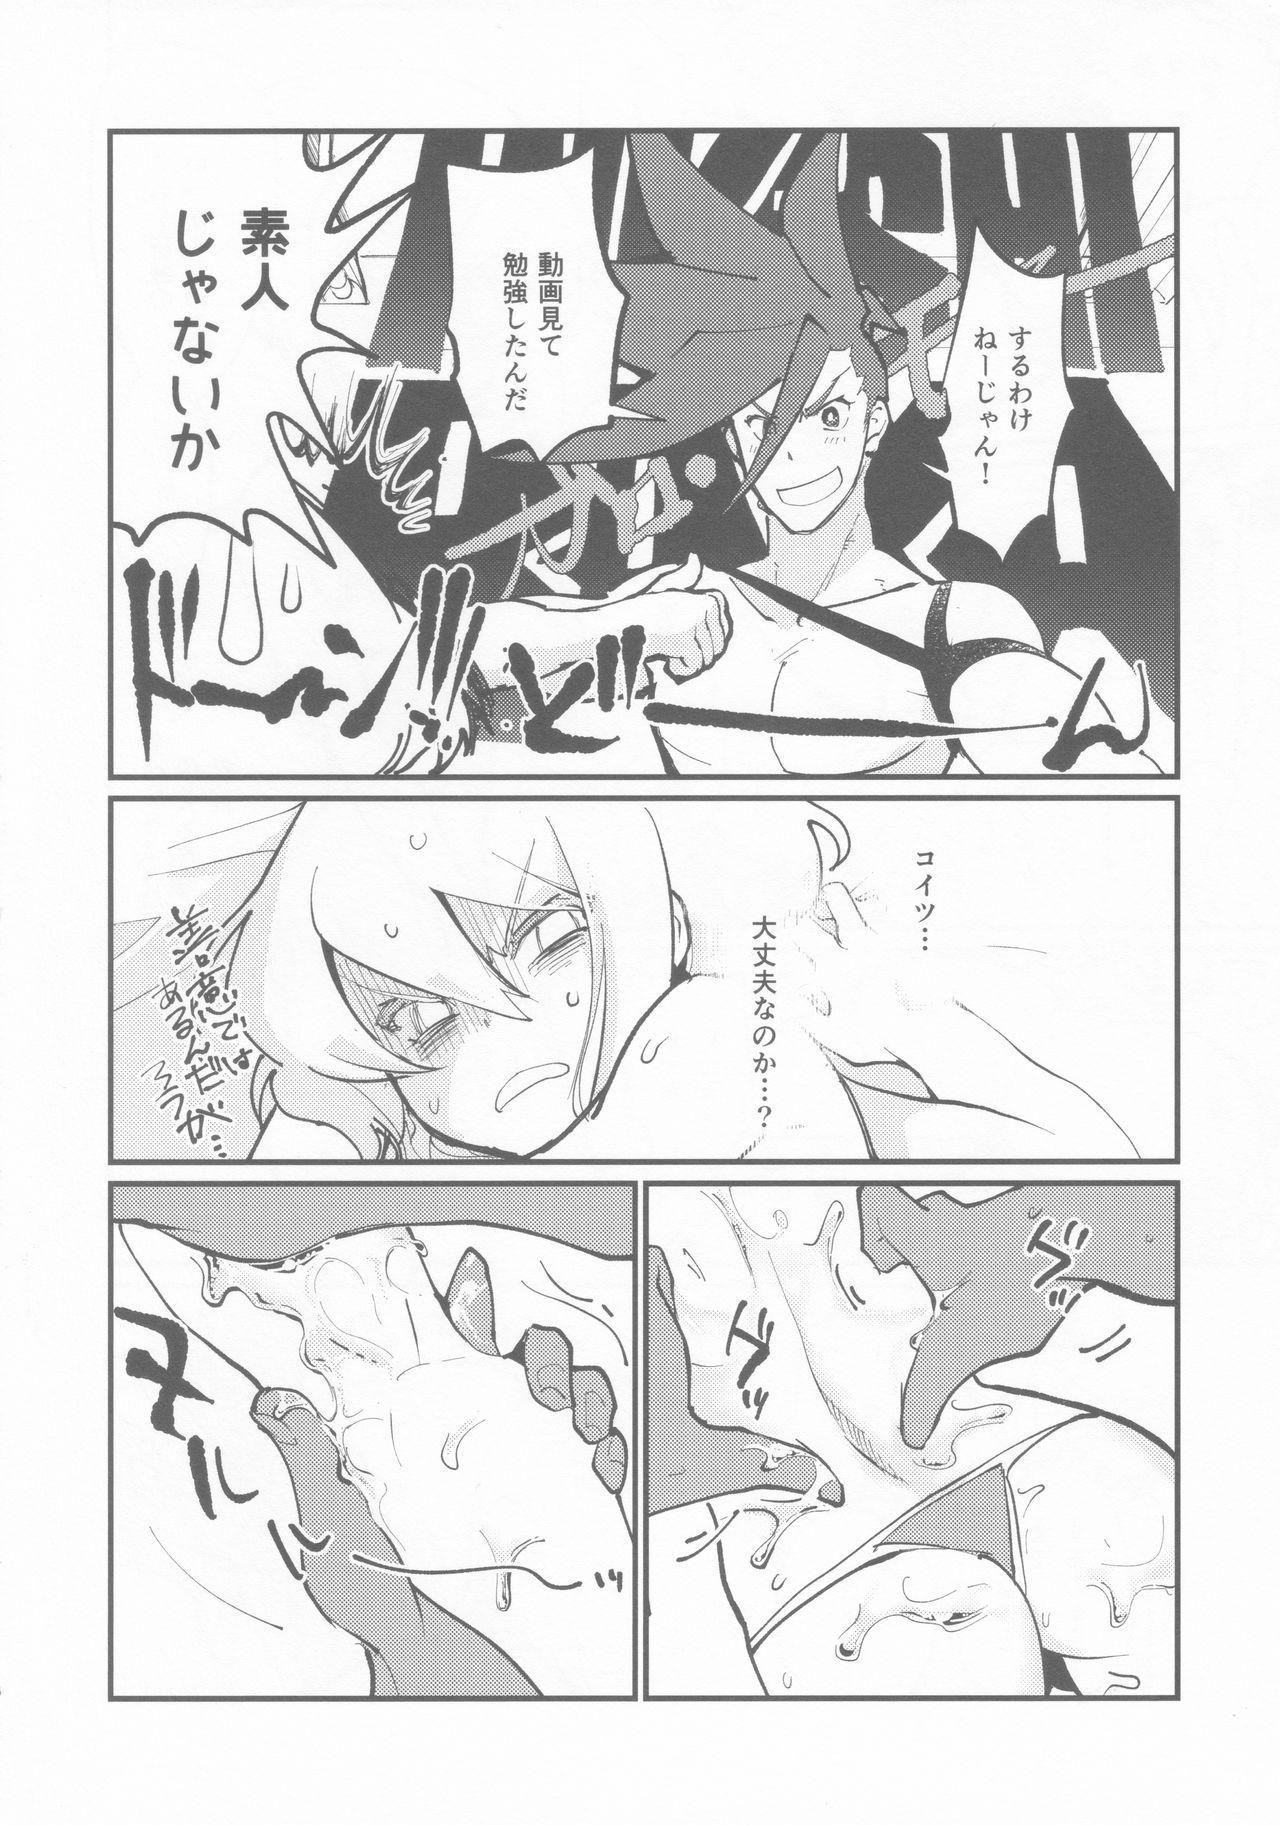 Galo-san no Dosukebe Nurunuru Lotion Massage 4